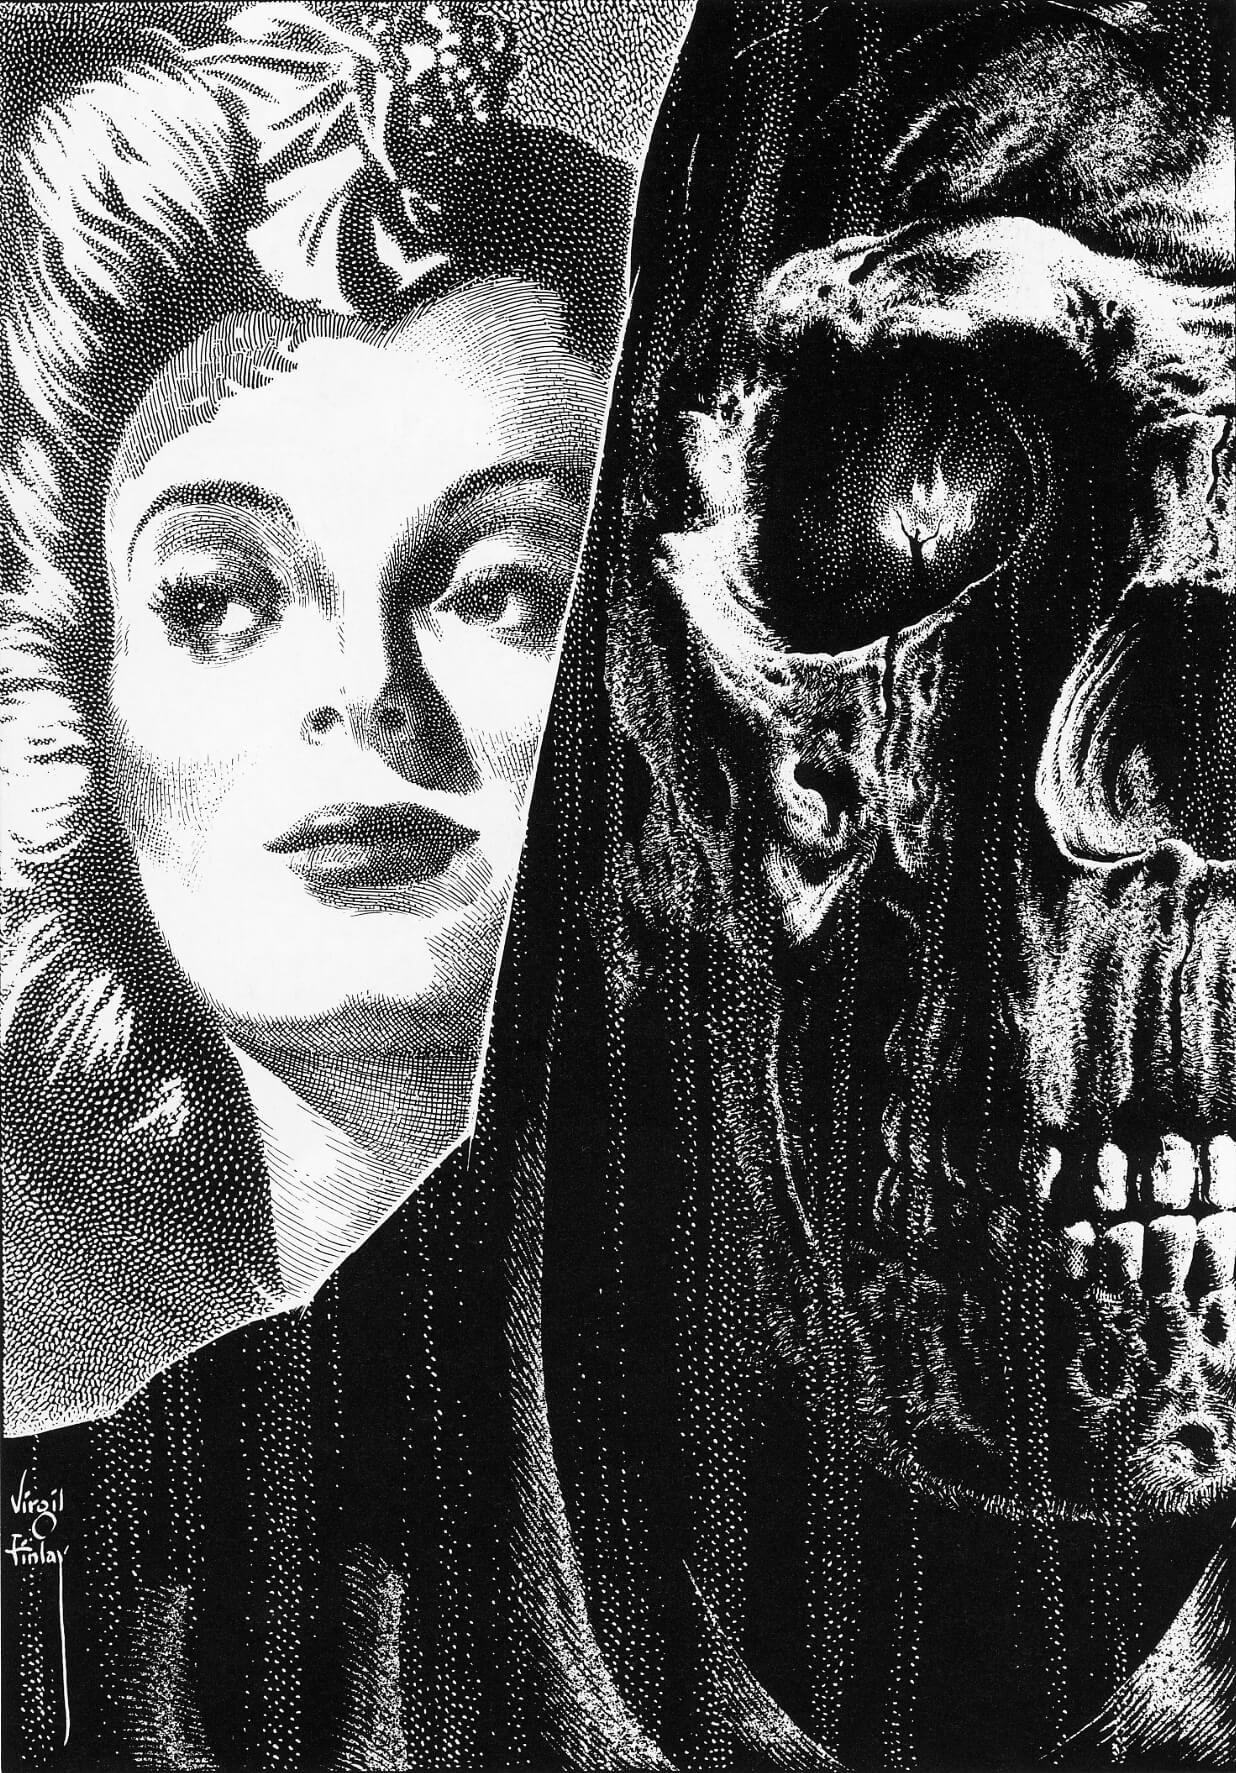 skull-face.jpg (1236×1773)